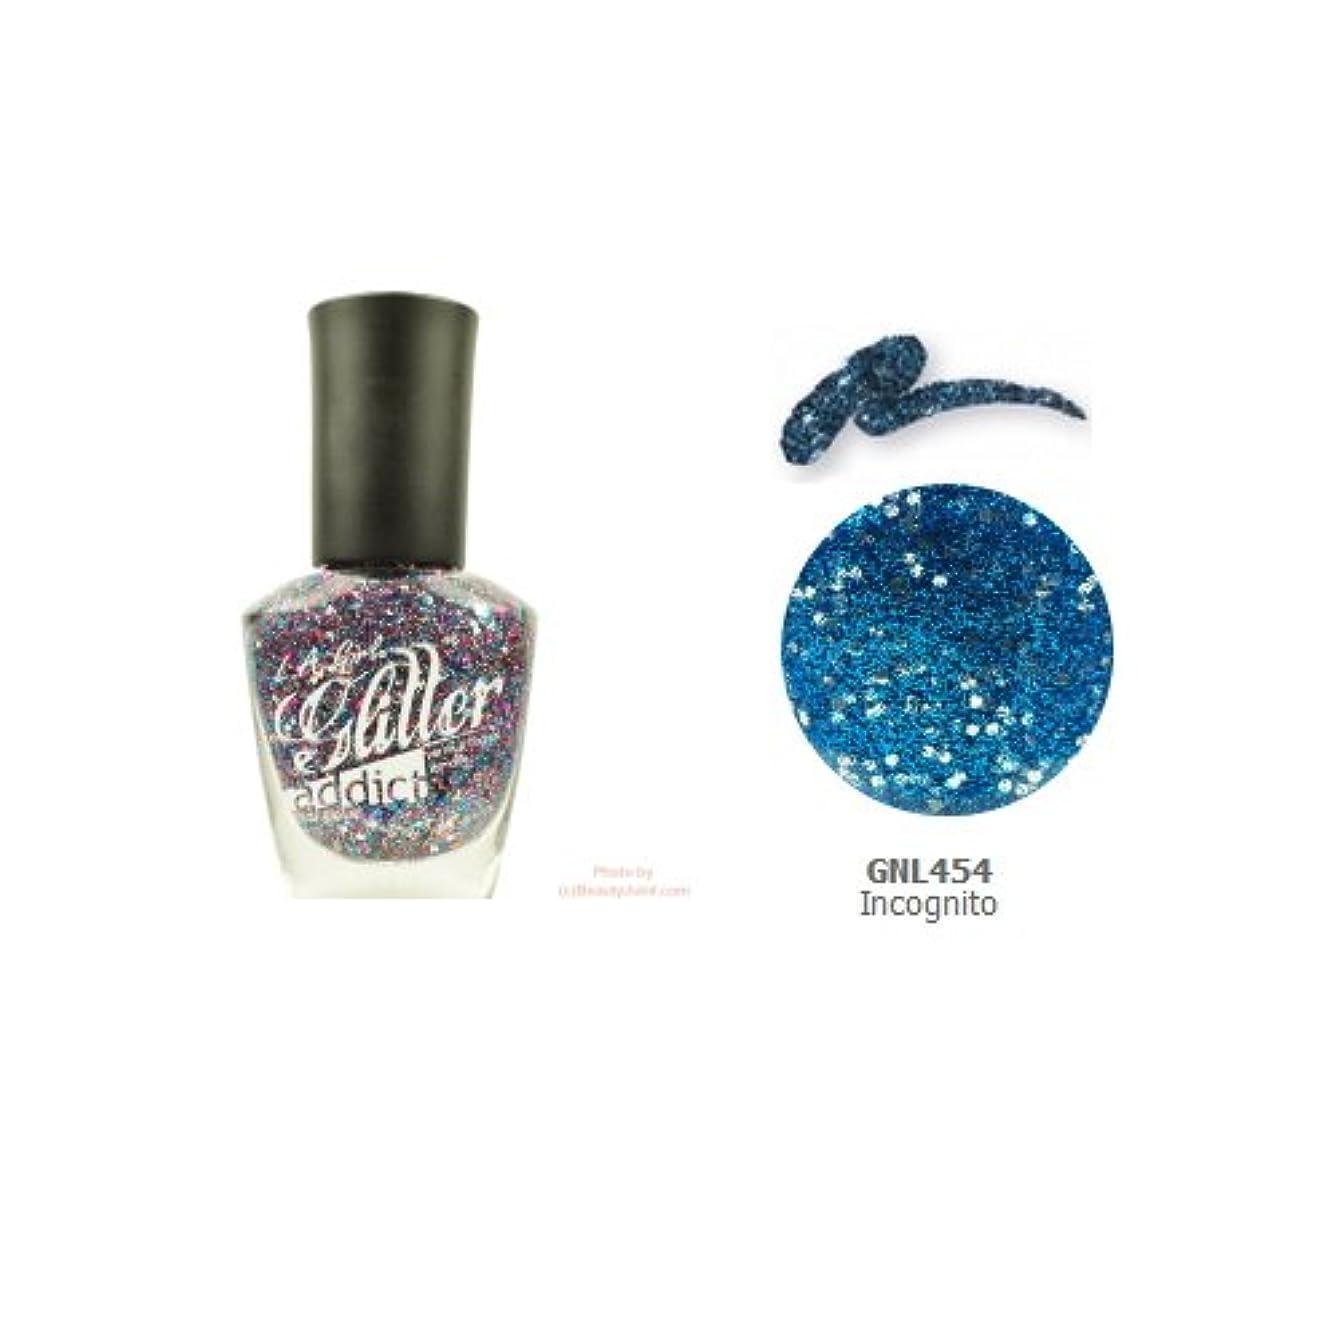 情緒的脊椎超越する(6 Pack) LA GIRL Glitter Addict Polish - Incognito (並行輸入品)